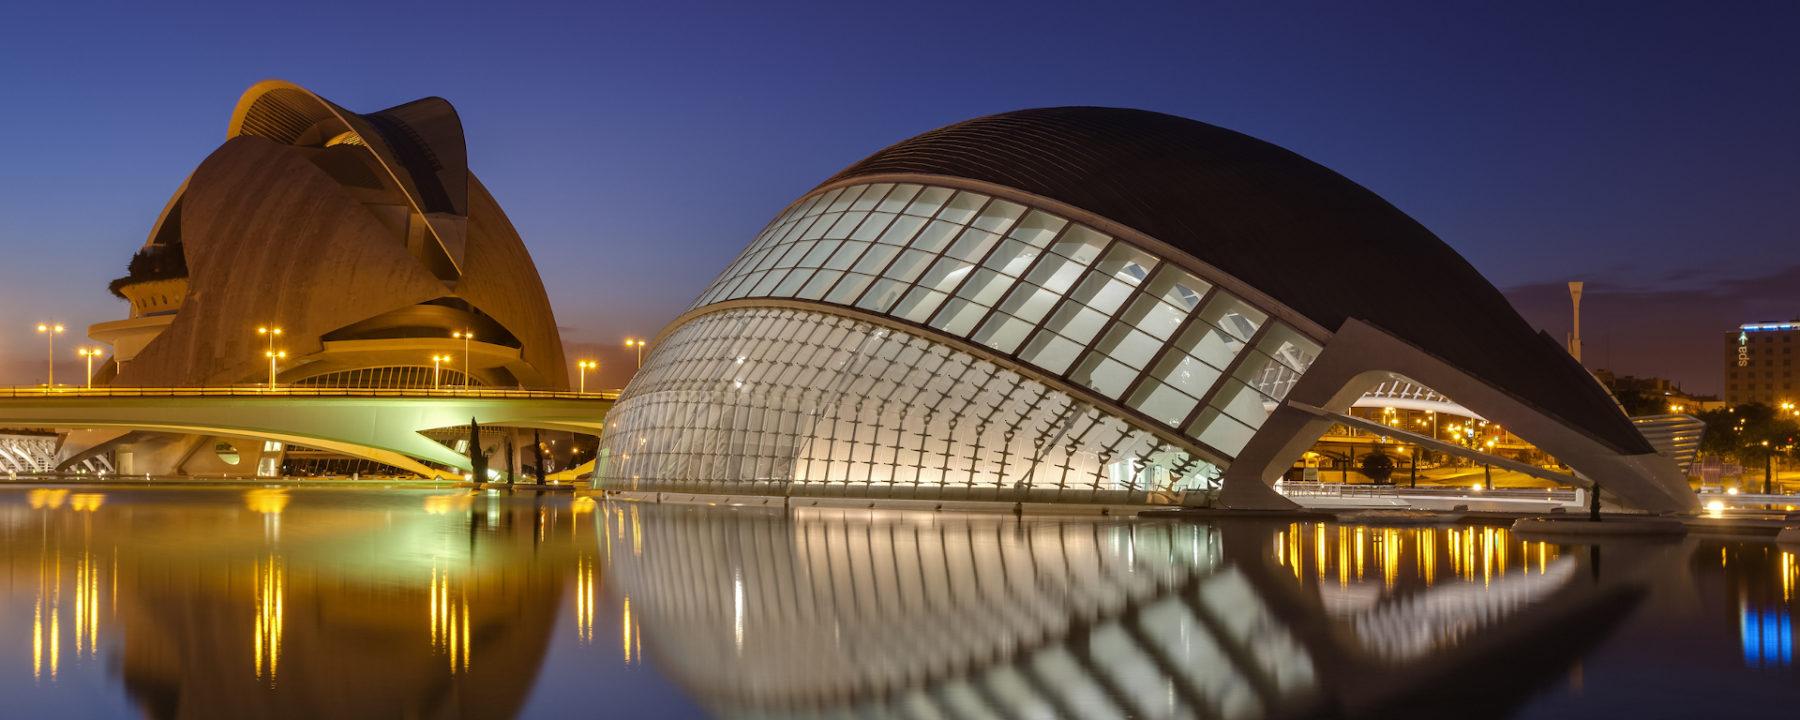 10 новых поводов посетить Валенсию в 2020 году